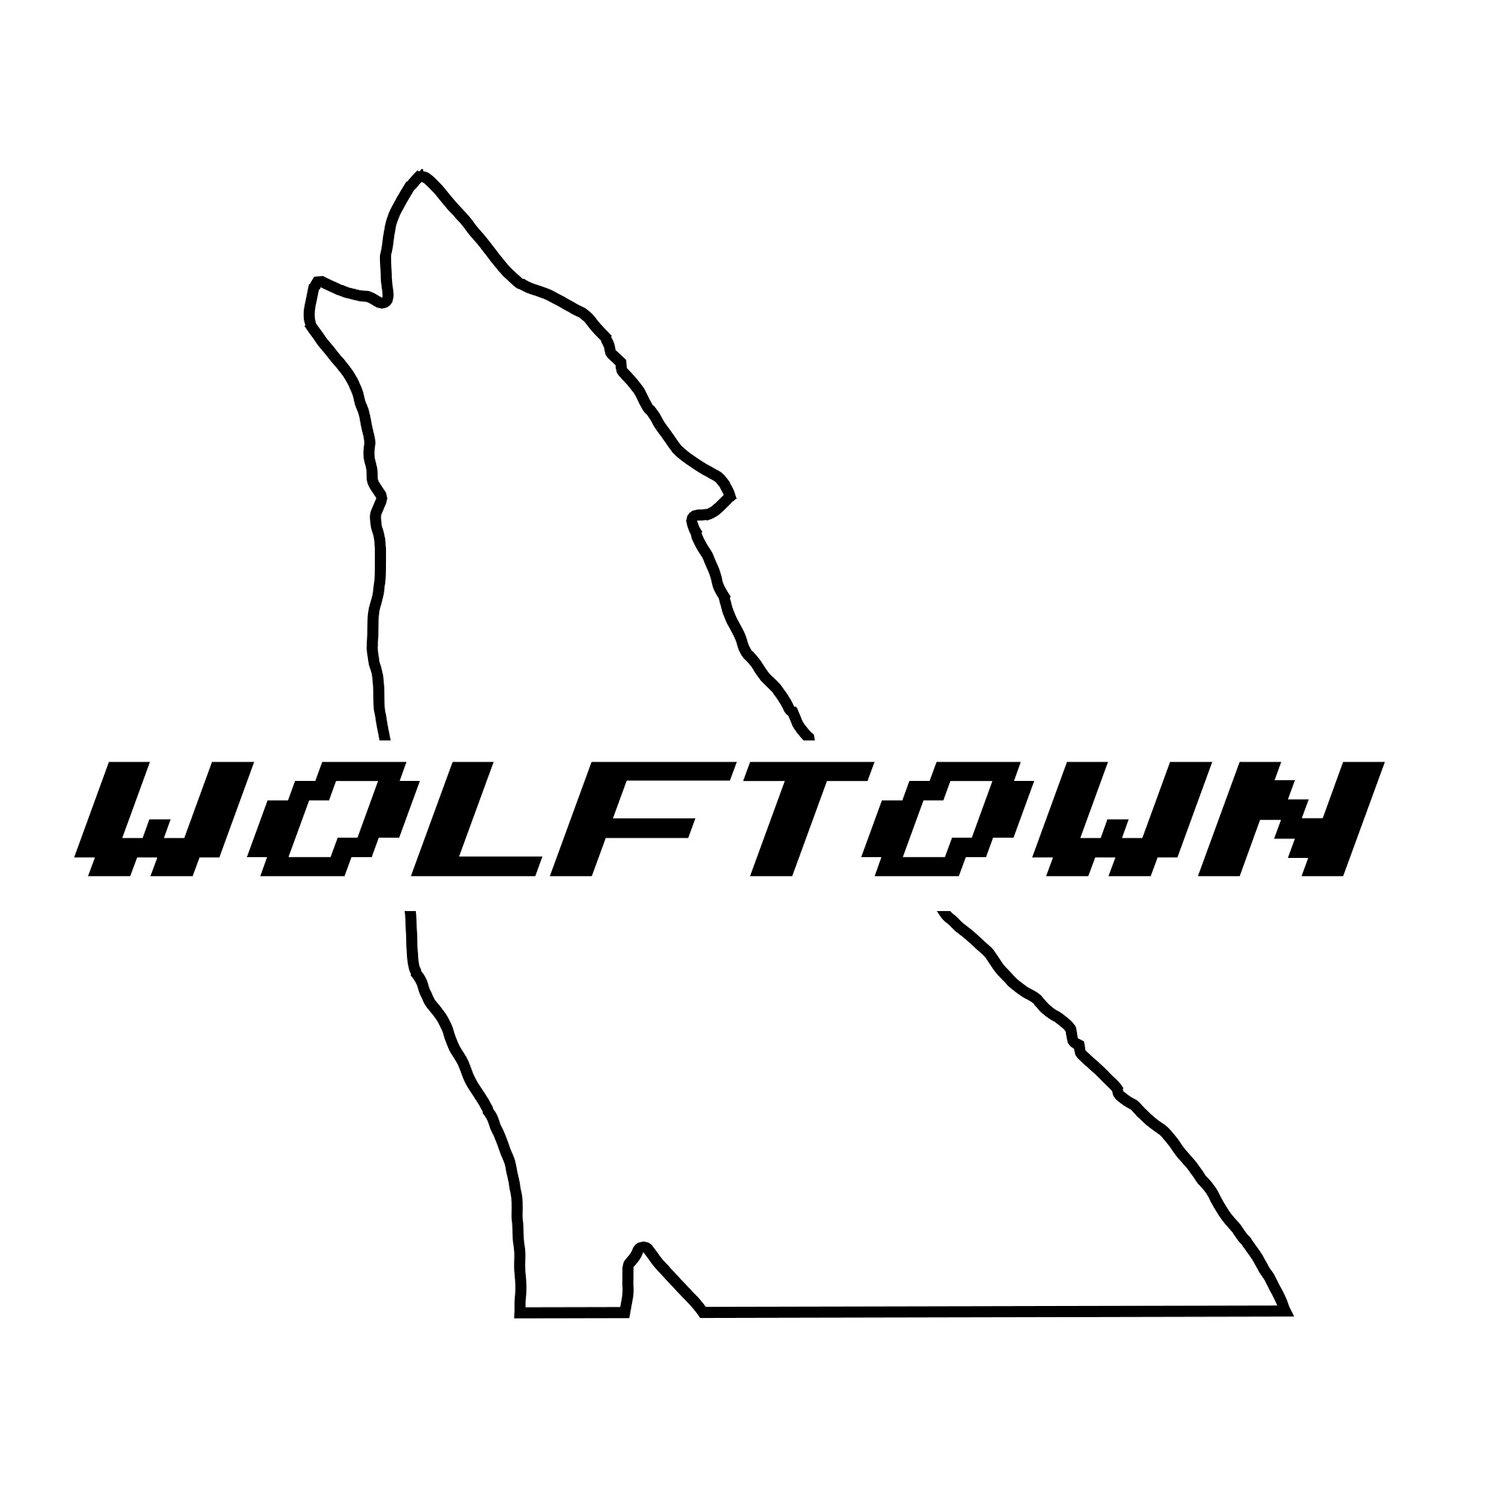 wolftown skateboards